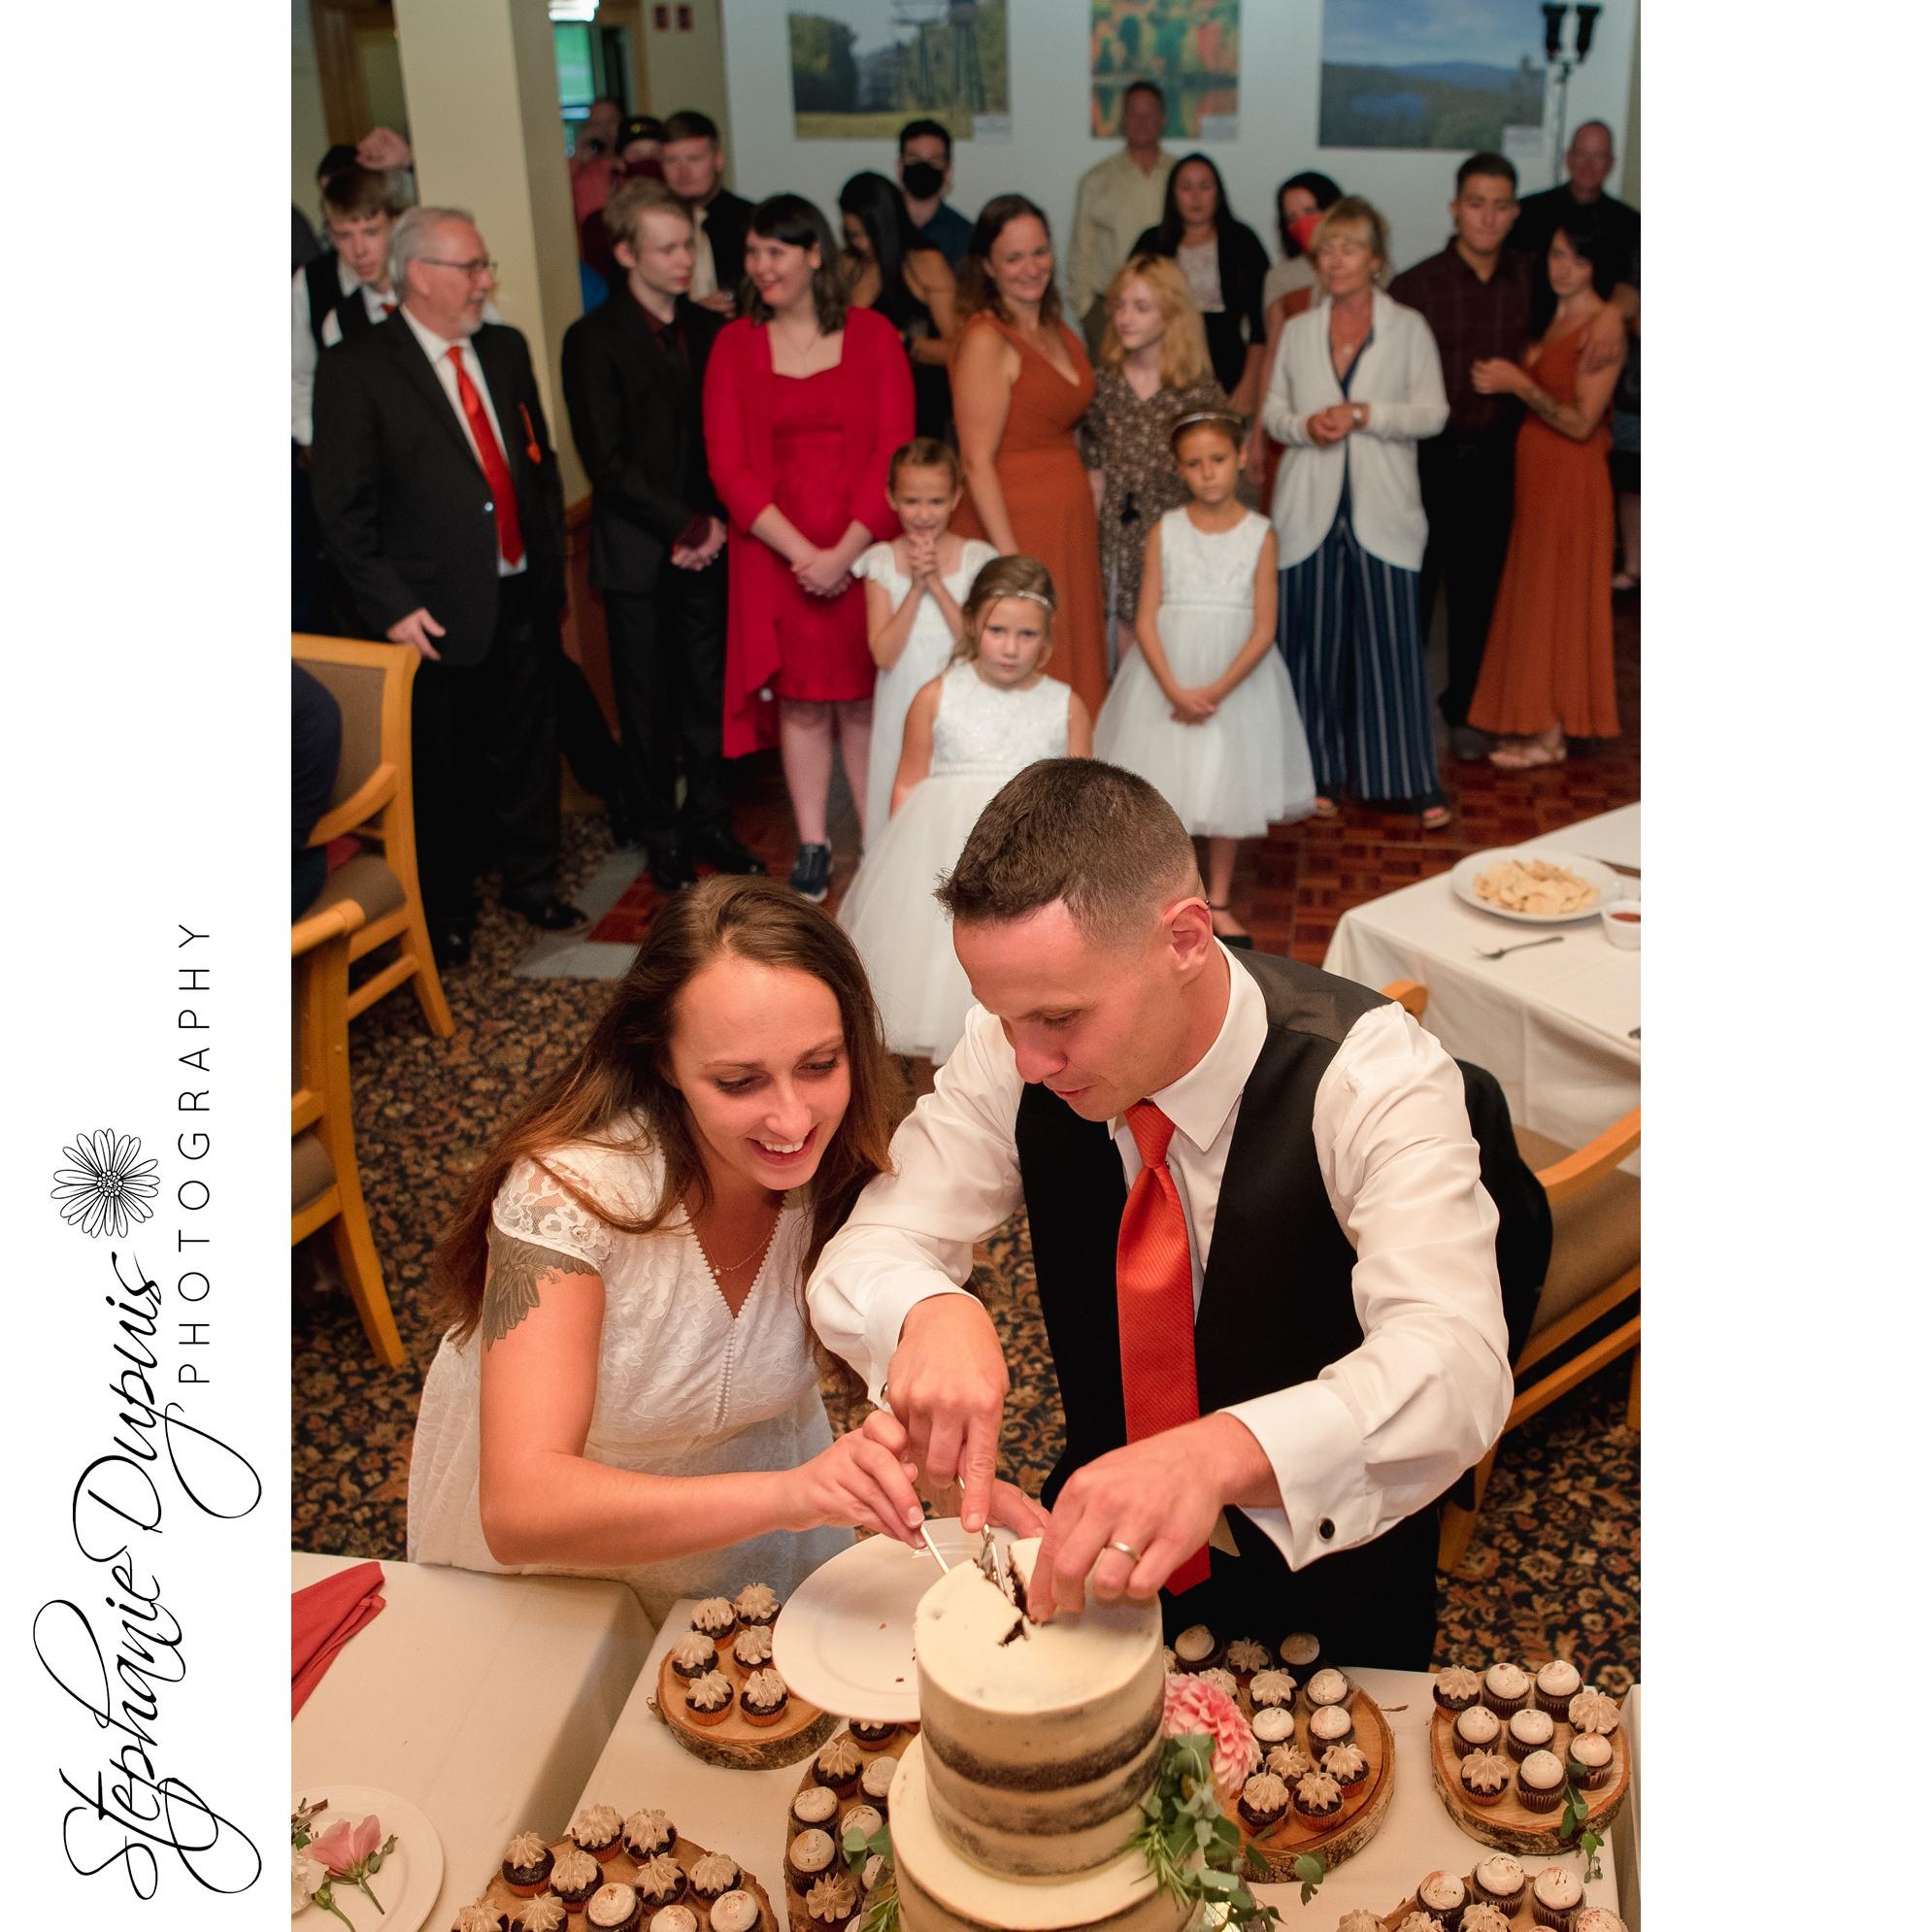 White Mountains Wedding Photographer 8 1 - Portfolio: Harper Wedding